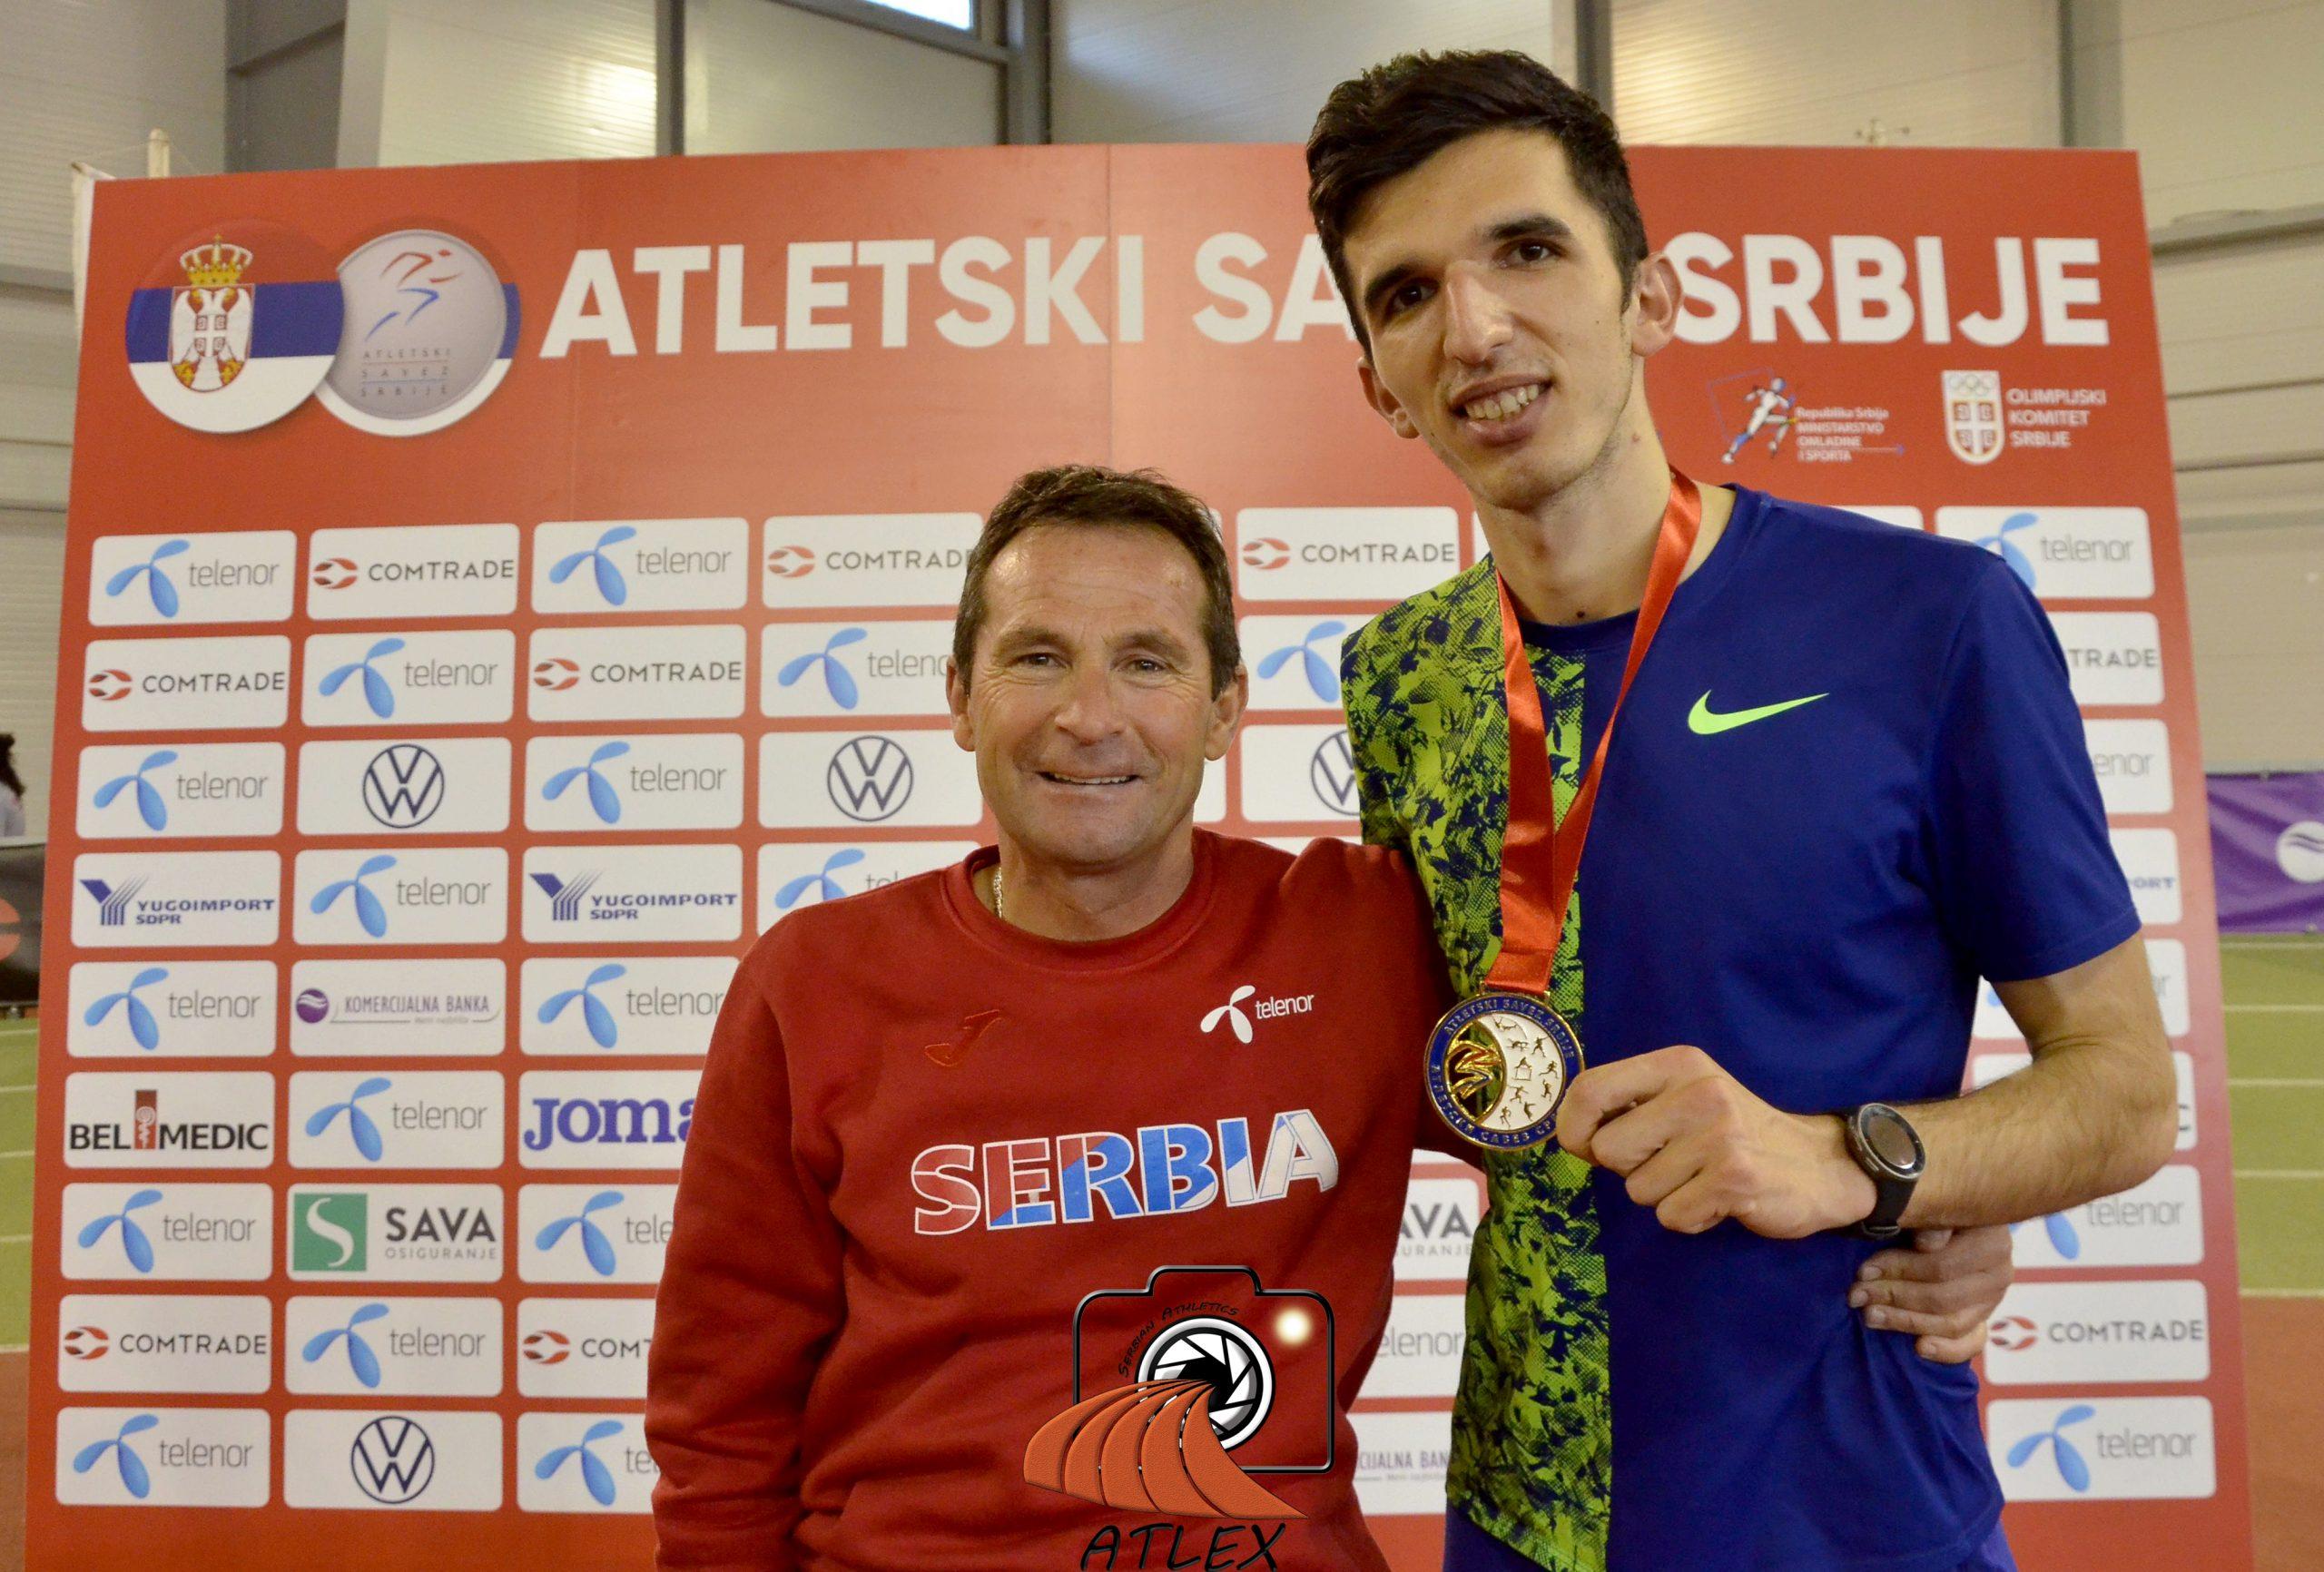 Rifat Zilkić i Elzan Bibić, dvoransko prvenstvo Srbije 2020